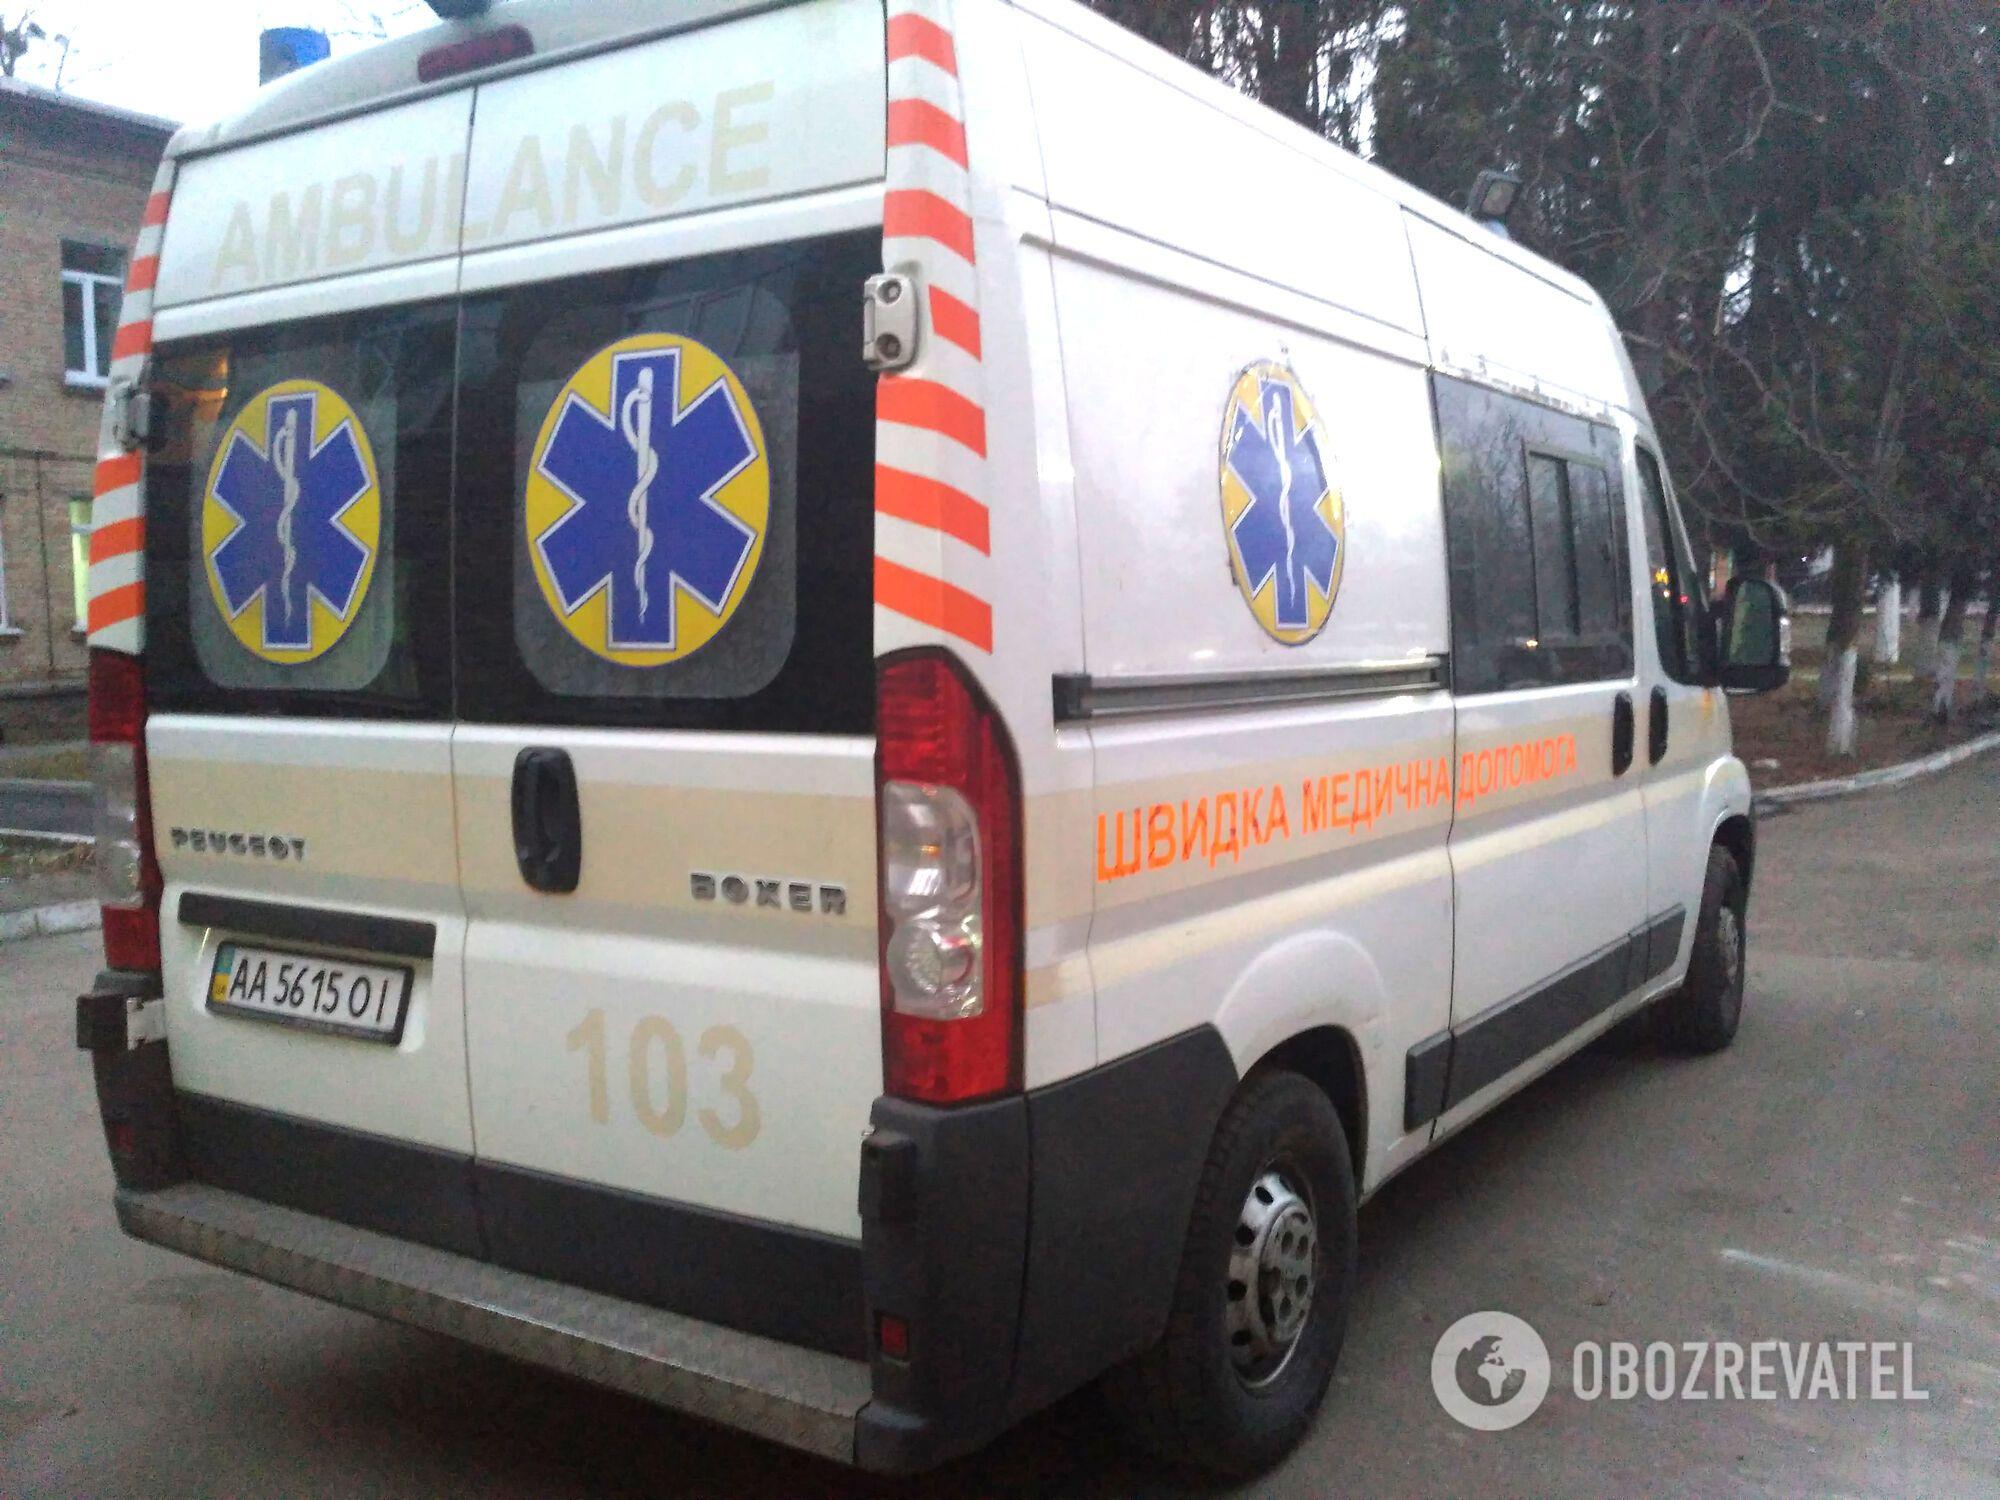 В Киеве повесился школьник: полиция выясняет обстоятельства трагедии